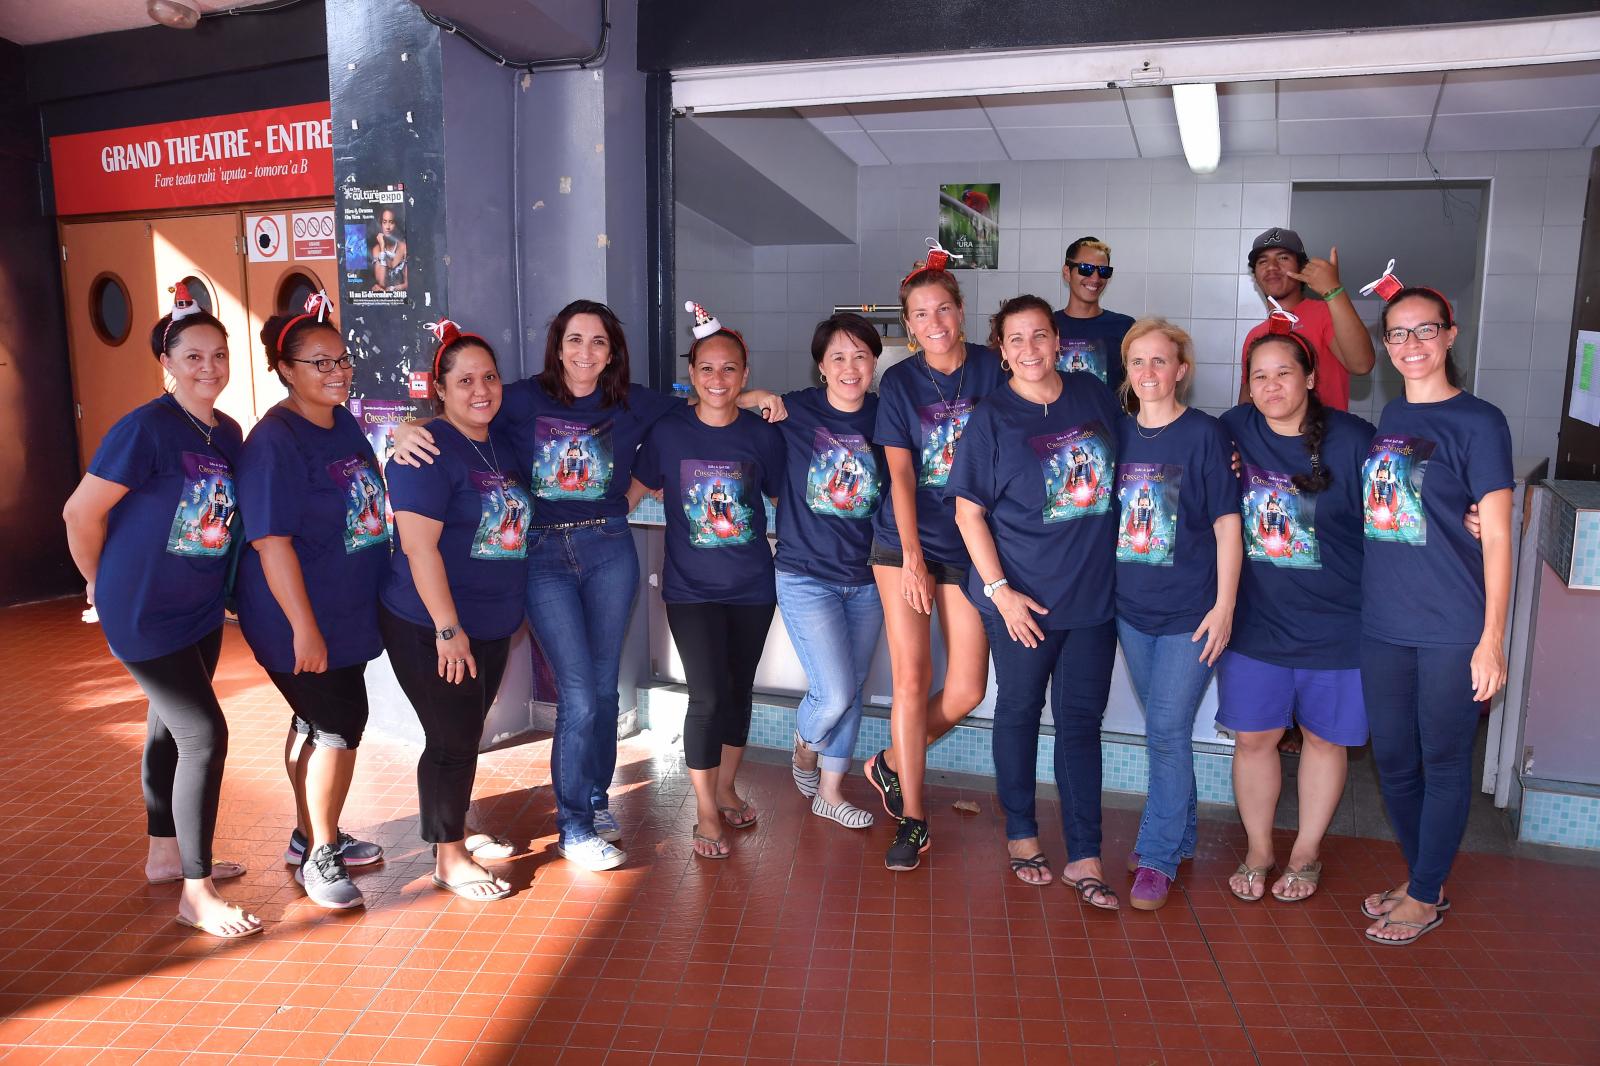 Les membres de l'association Tamarii Mananui: une équipe de vahine dynamique!